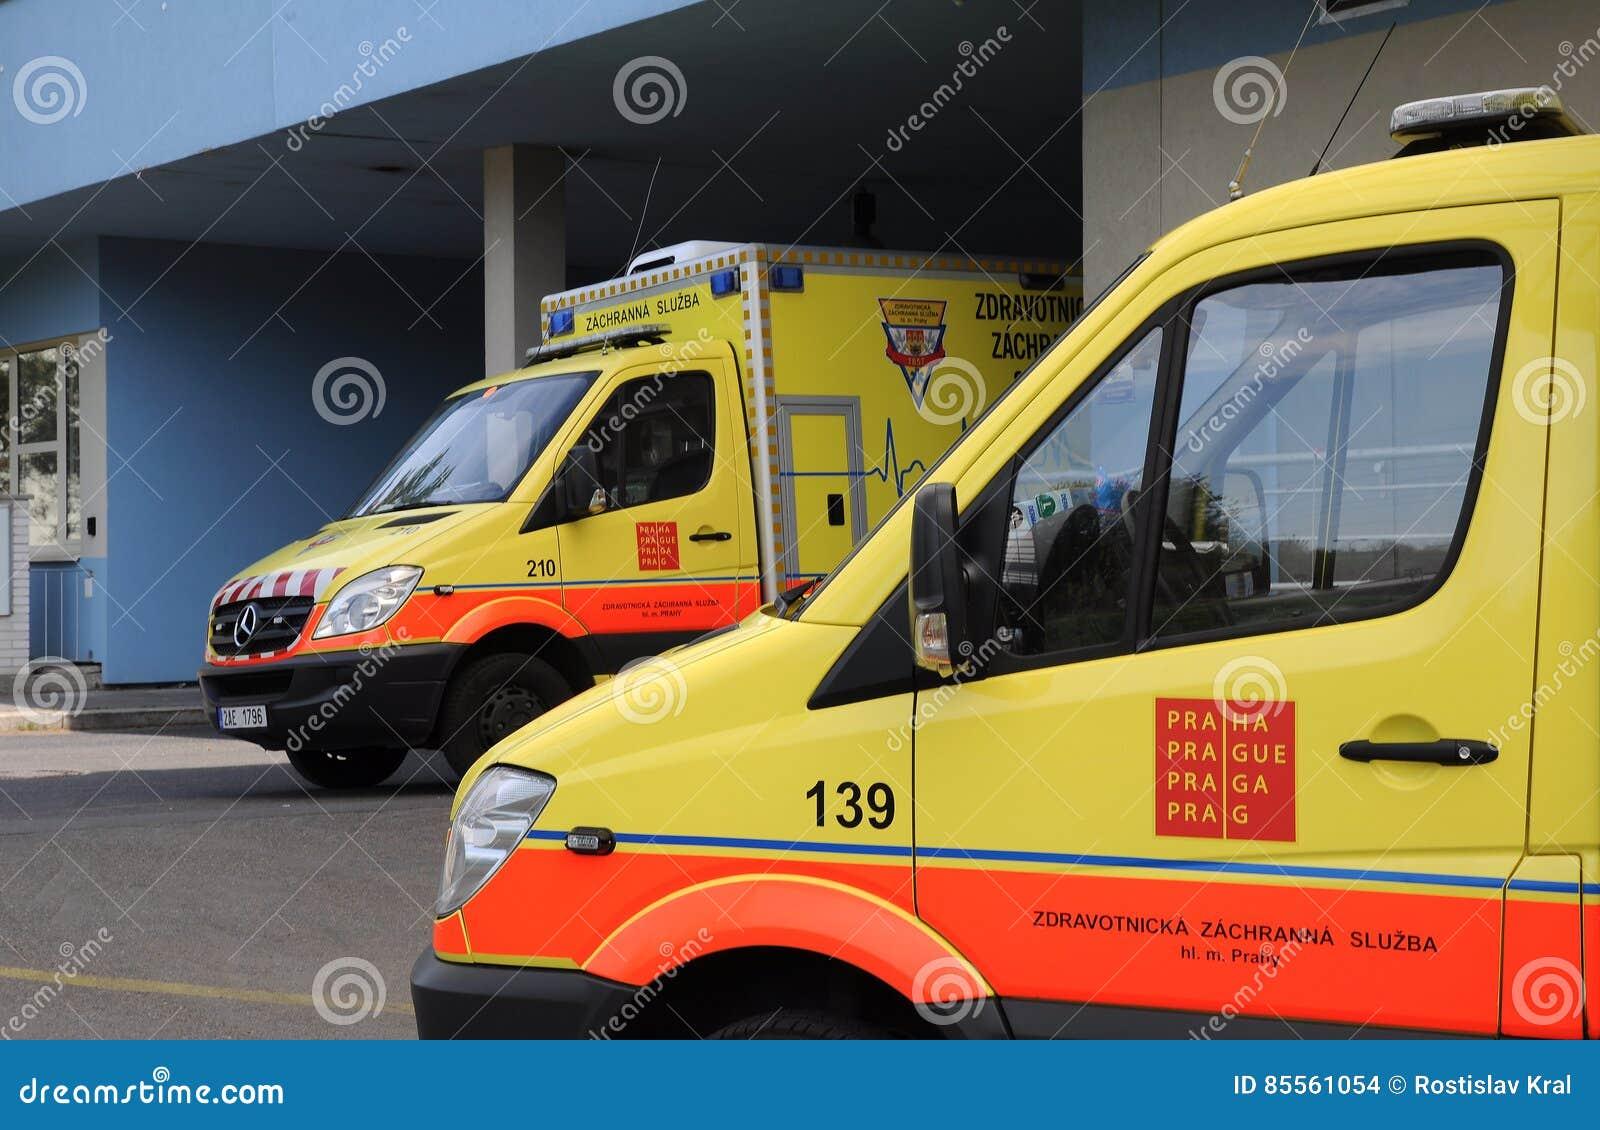 Tschechischer Krankenwagen